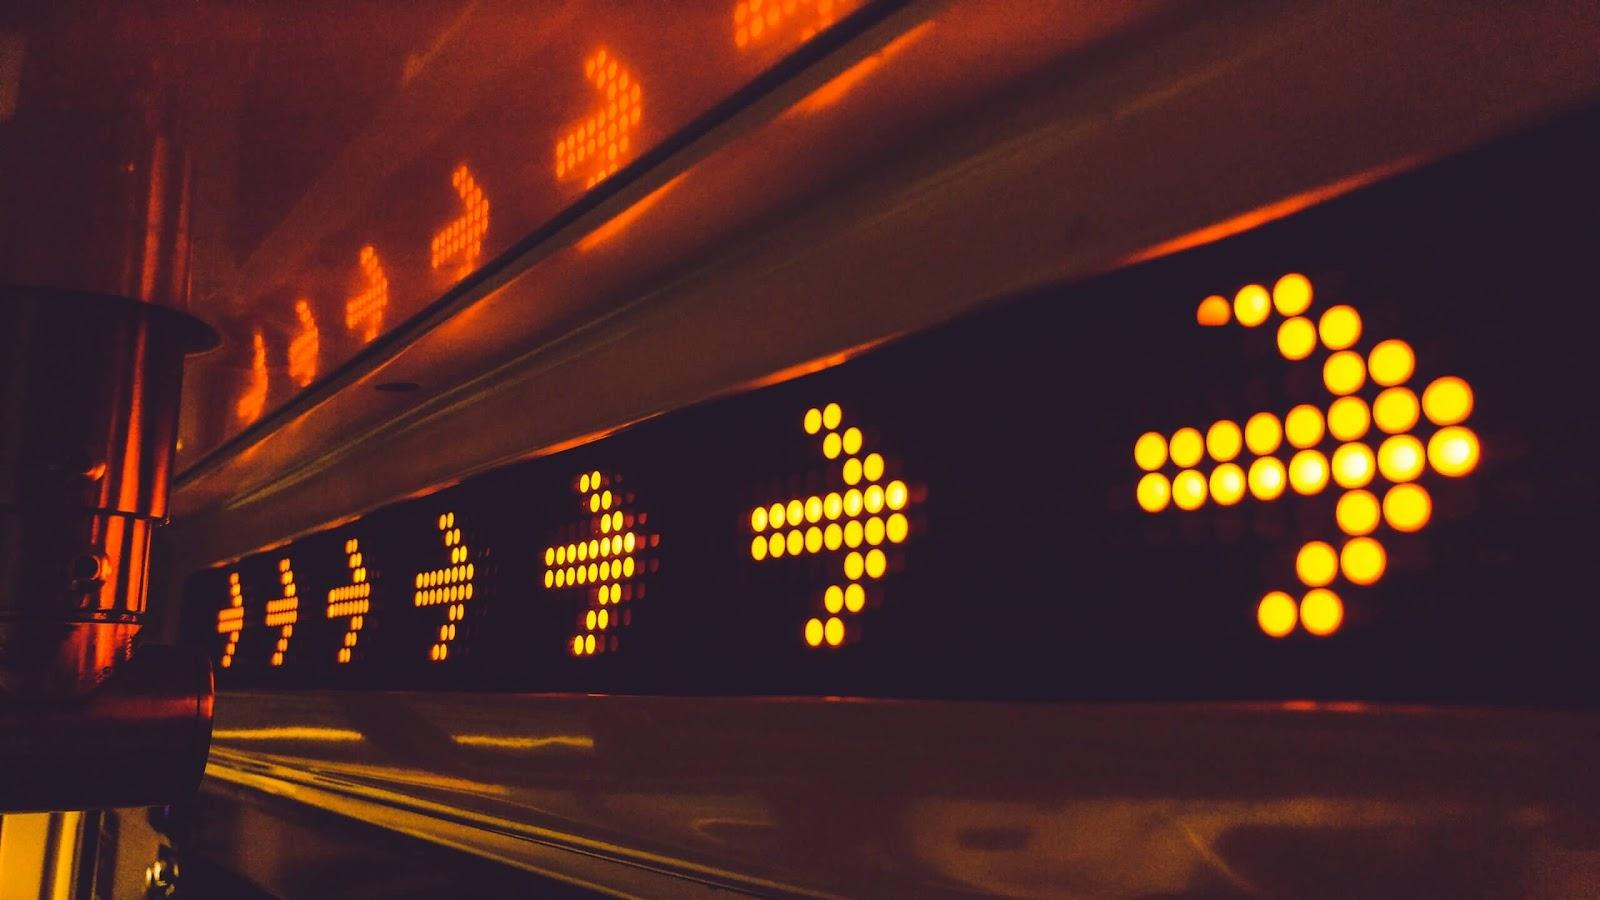 L'approche de Google en matière d'expérience utilisateur redéfinira les stratégies de marketing numérique de 2021, mais une approche judicieuse de la conception, de la vitesse et de l'accessibilité peut faire toute la différence.